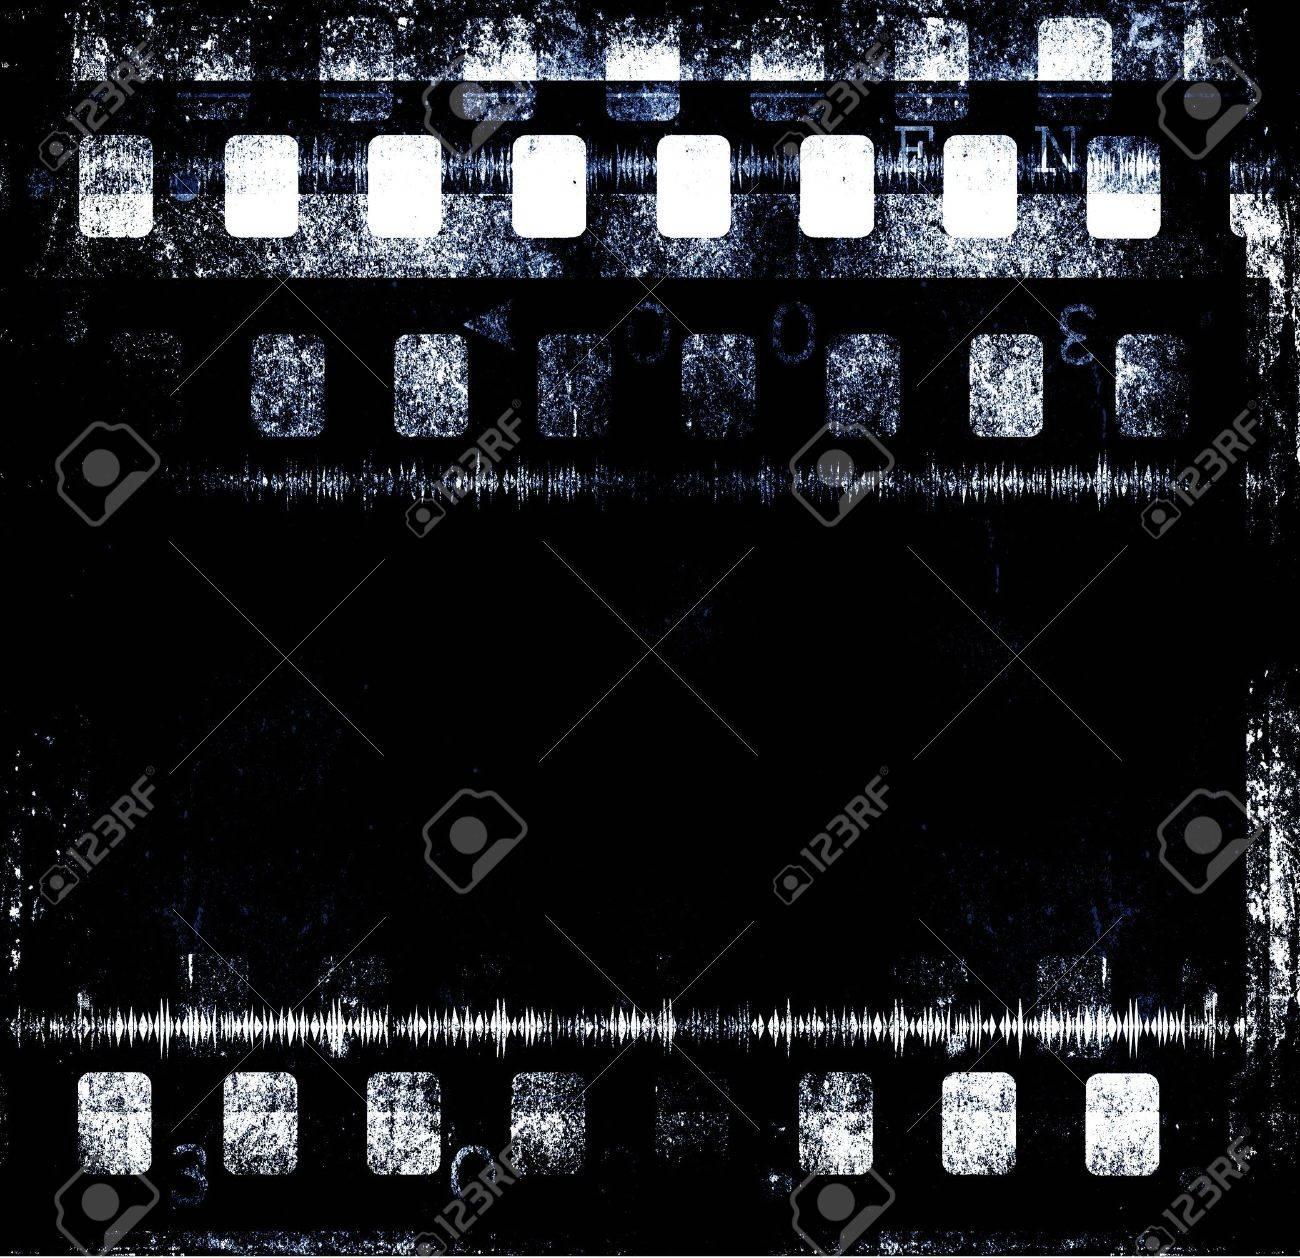 Movie Film reel,2D digital art - 7358729